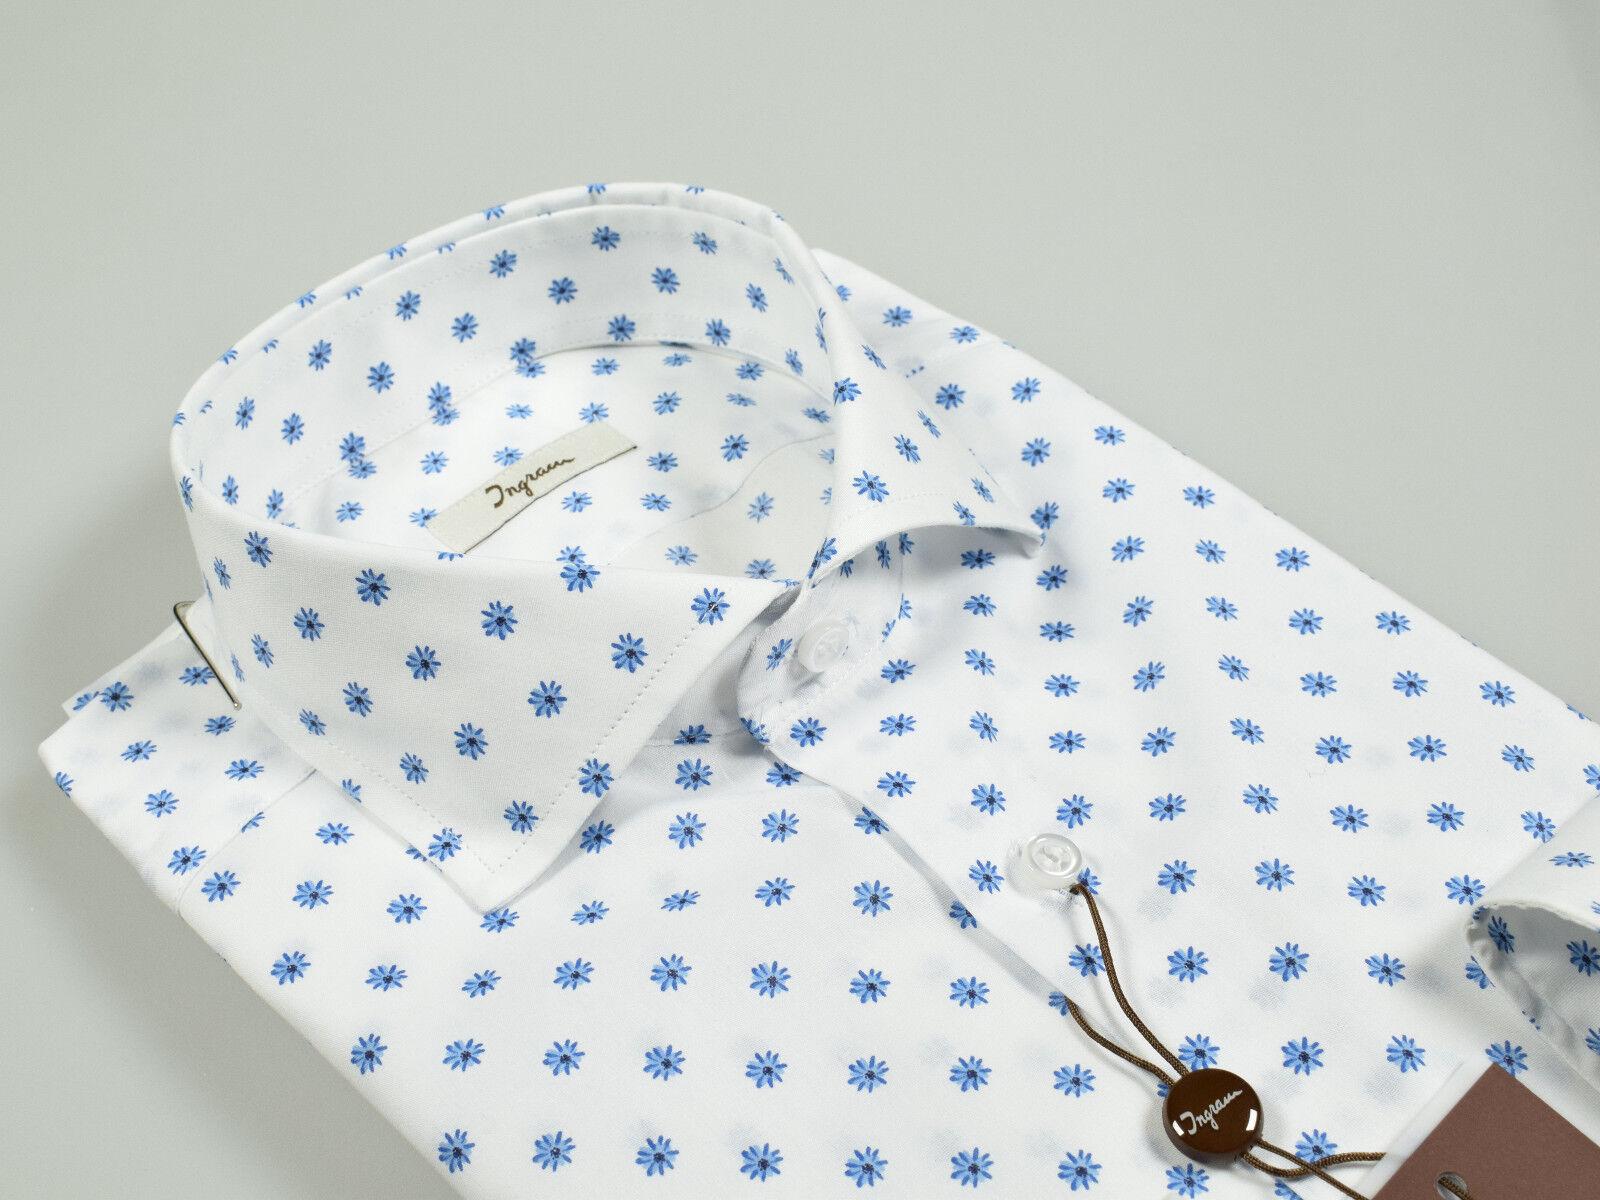 Camicia Ingram Slim Fit Cotone Stretch Collo alla Francese Fantasia Floreale